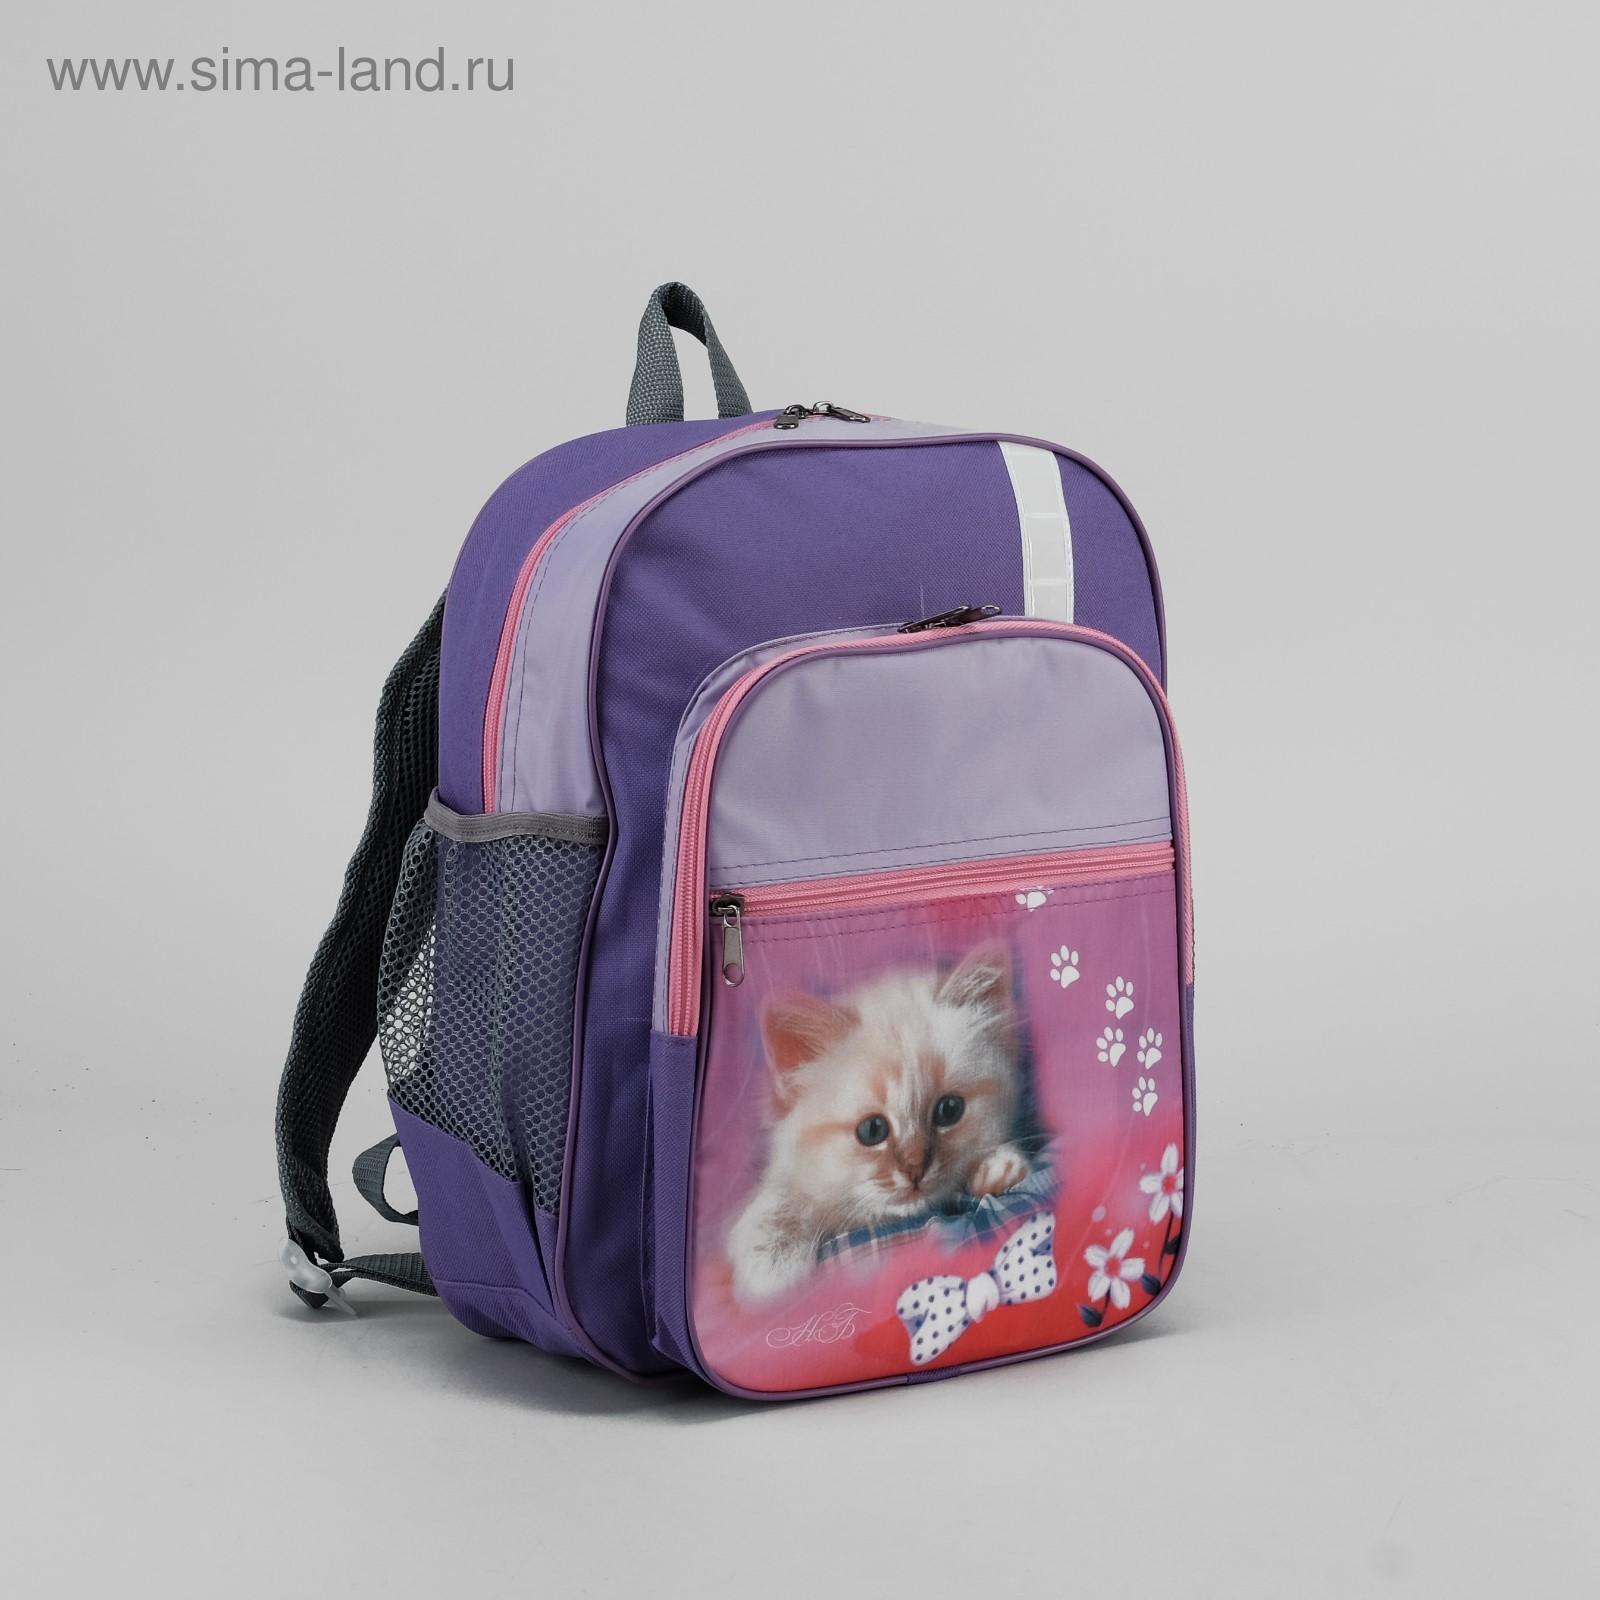 71a29e8b23f2 Рюкзак школьный на молнии, 2 отдела, 3 наружных кармана, цвет  сиреневый/розовый